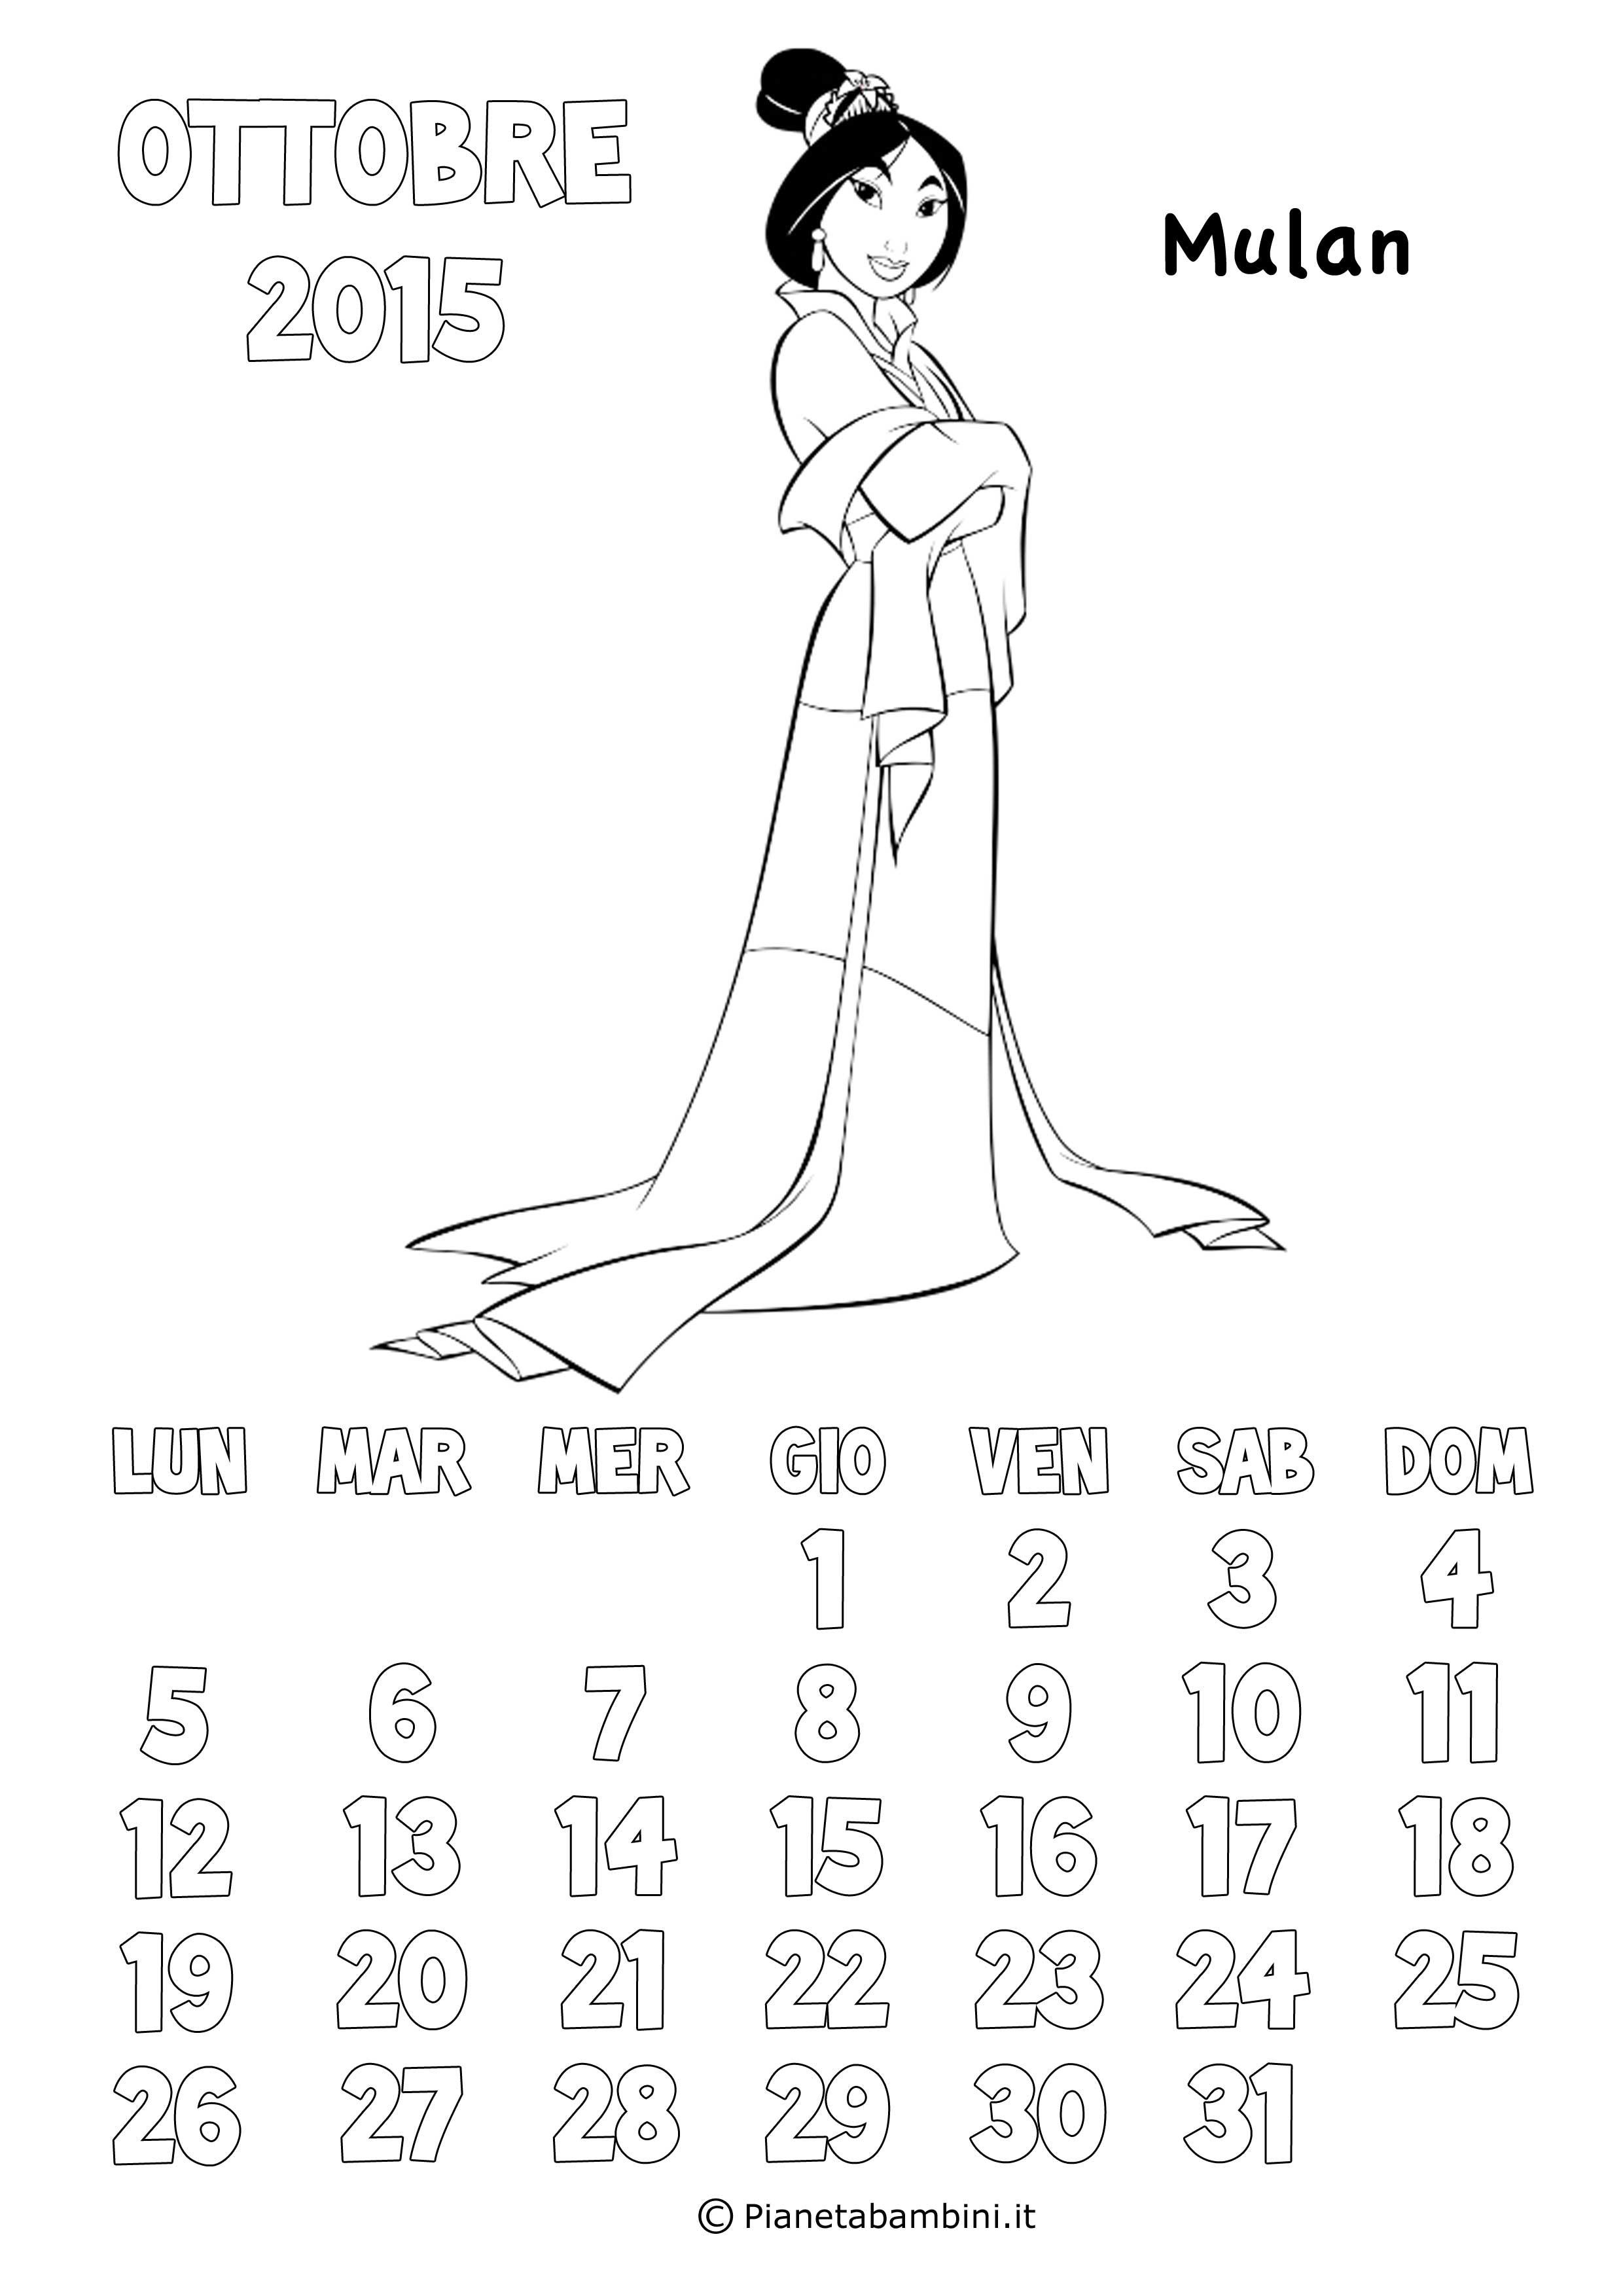 Ottobre-2015-Mulan